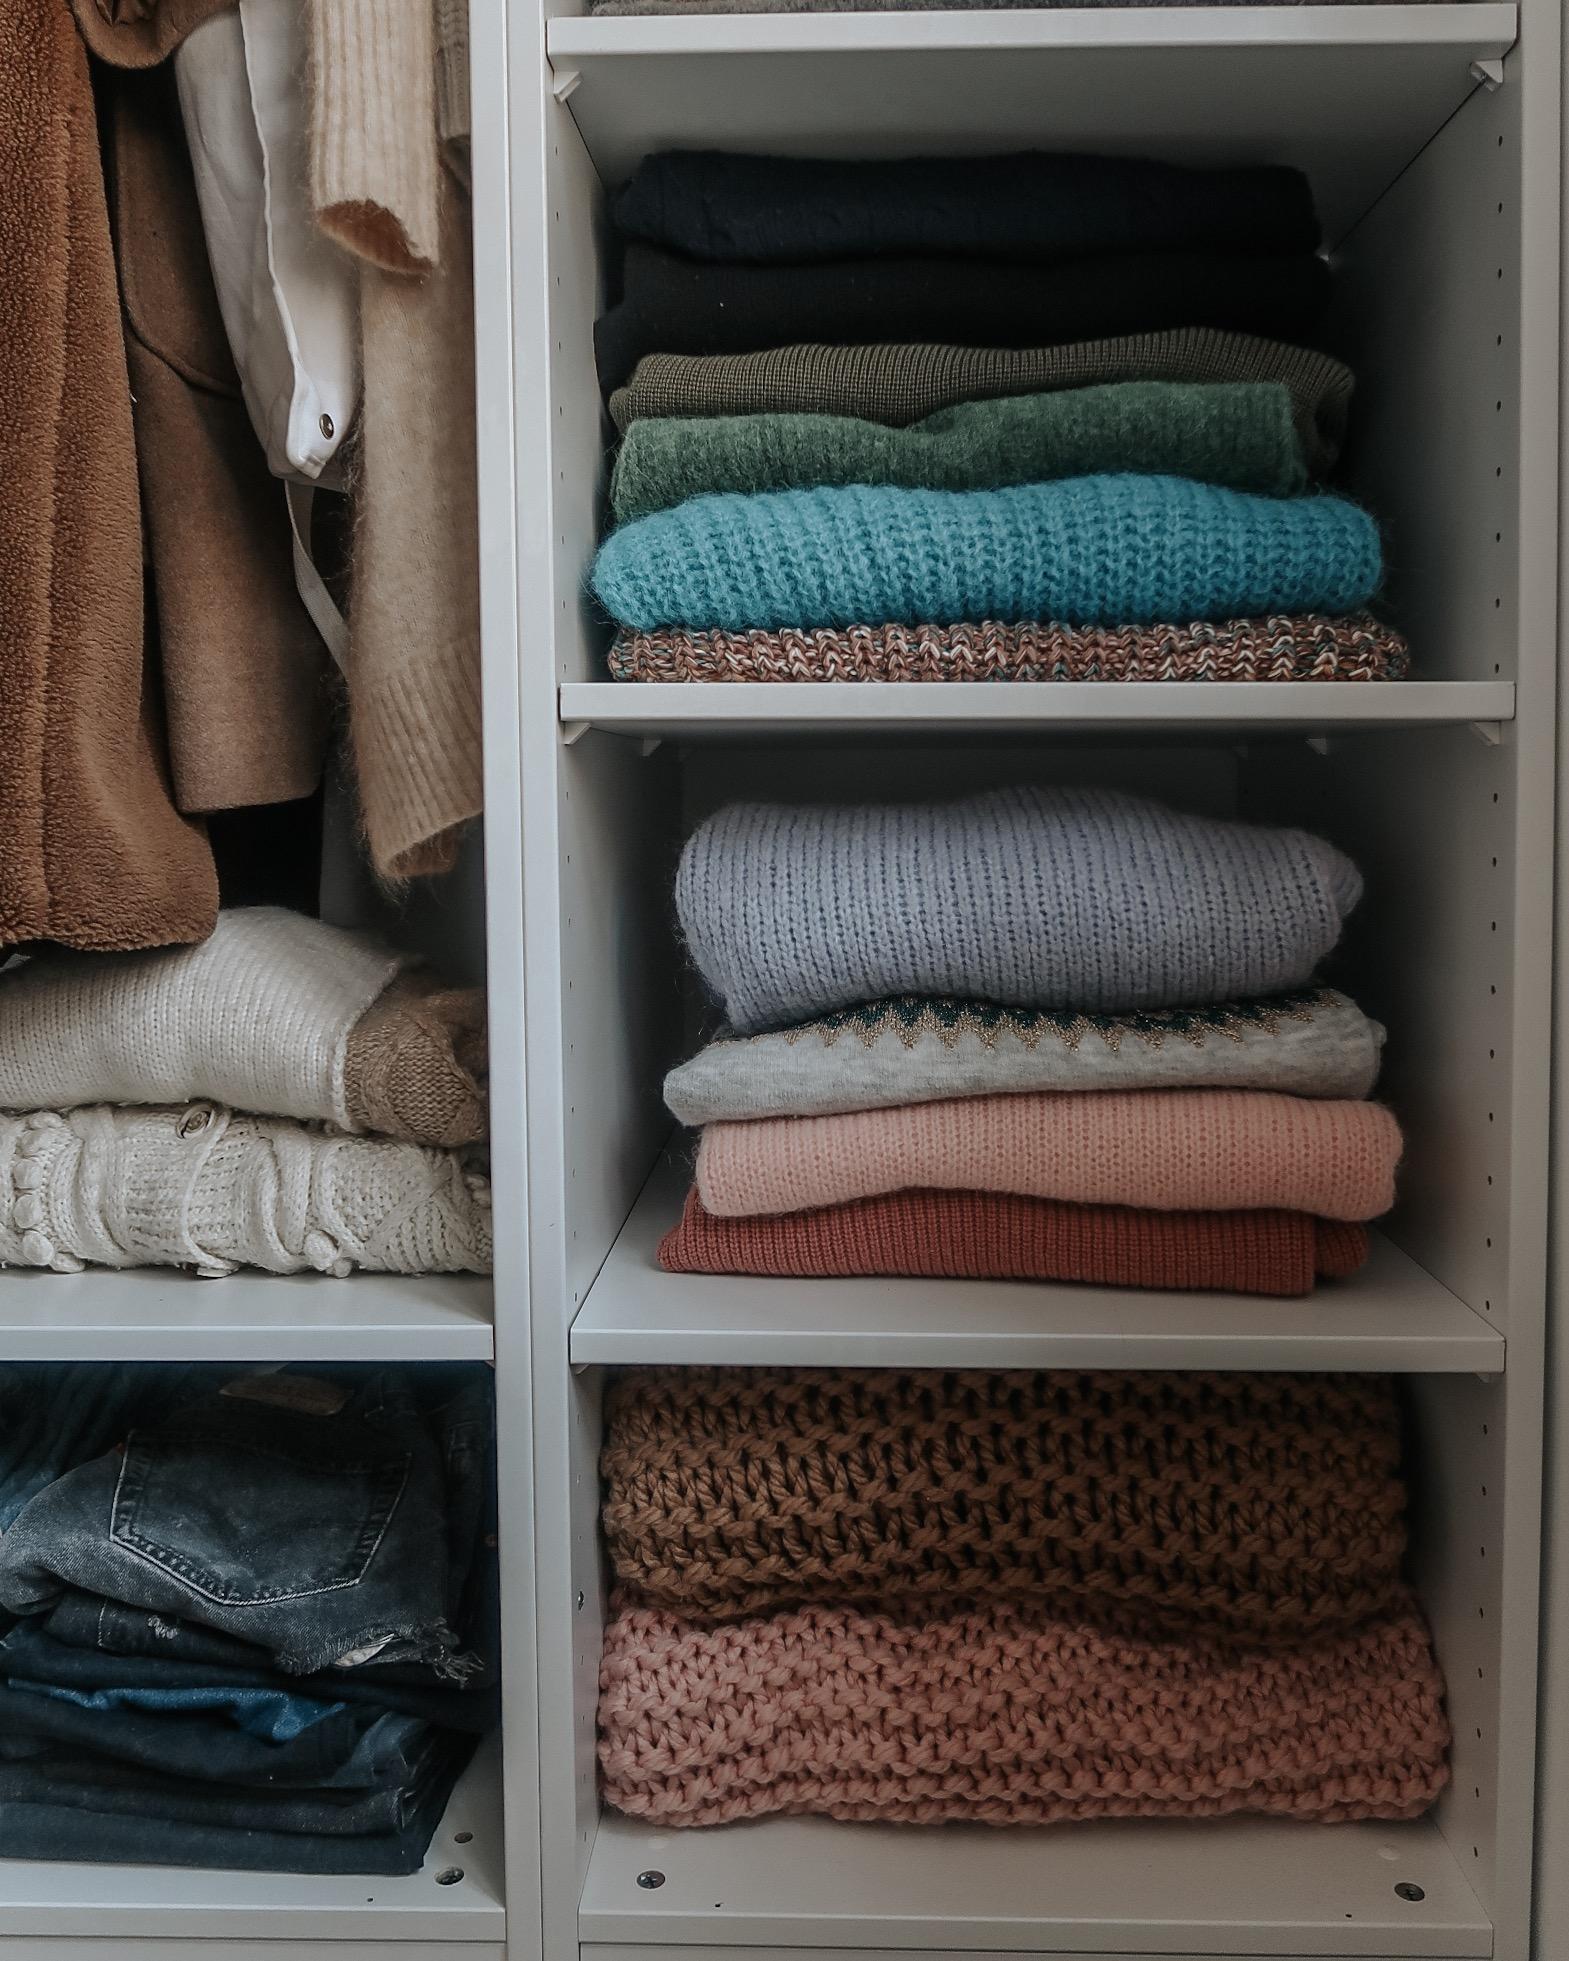 Ikea Pax Wardrobe - Knitwear Storage